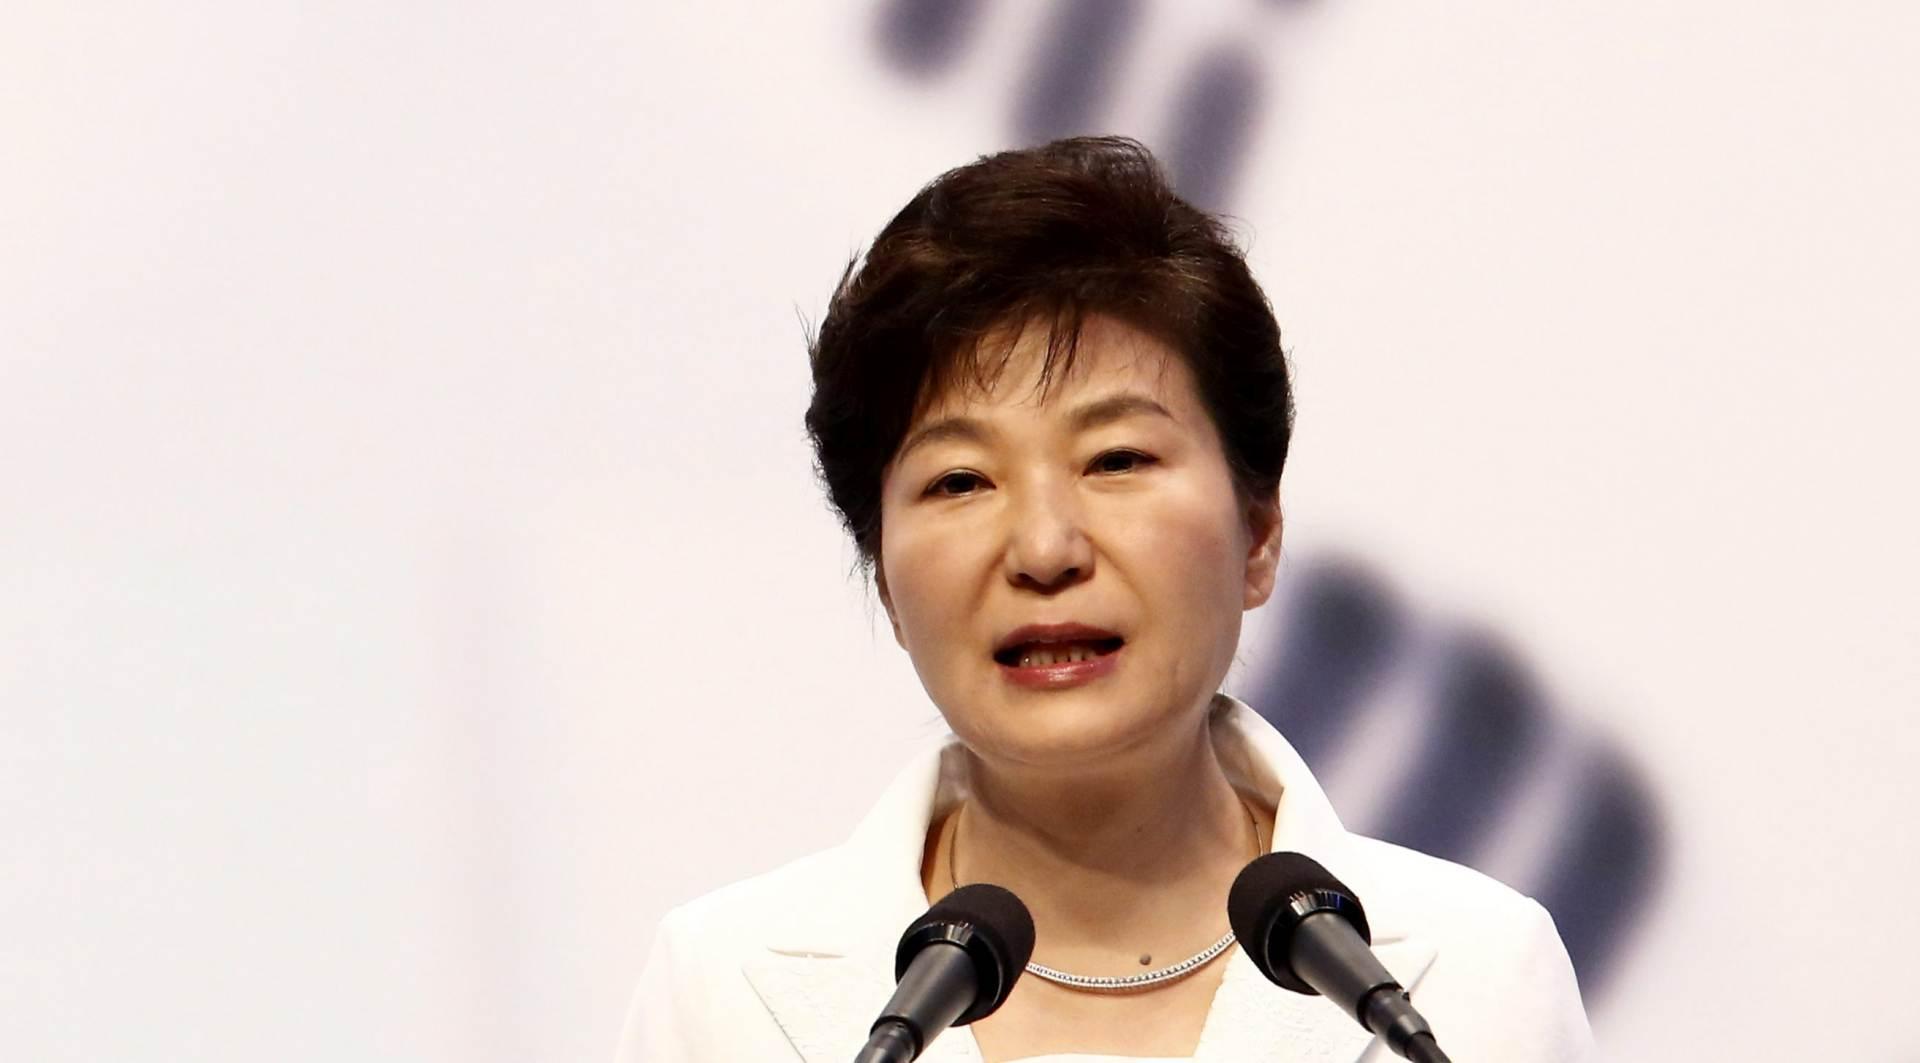 TRAŽE PUNU ISPRIKU: Južnokorejska predsjednica razočarana Abeovom izjavom